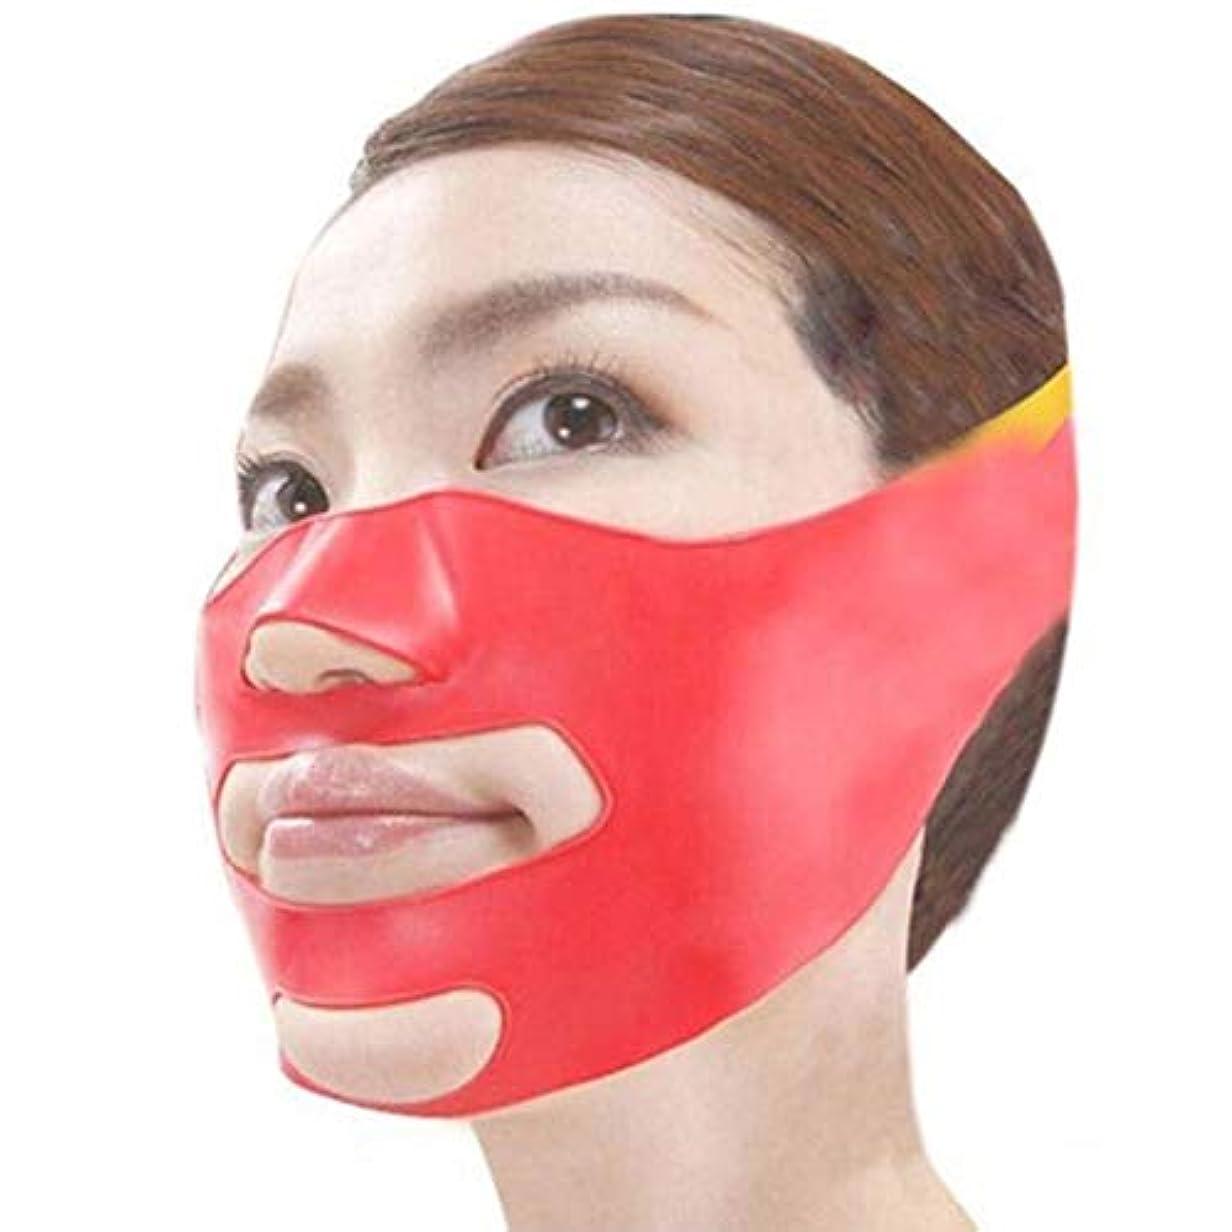 有利副詞ヘッドレスシリコーンフェイススリミングマスクフェイスチンリフトバンドスキンケアリフティングラップVシェイプダブルチンタイトベルト(Color:red)